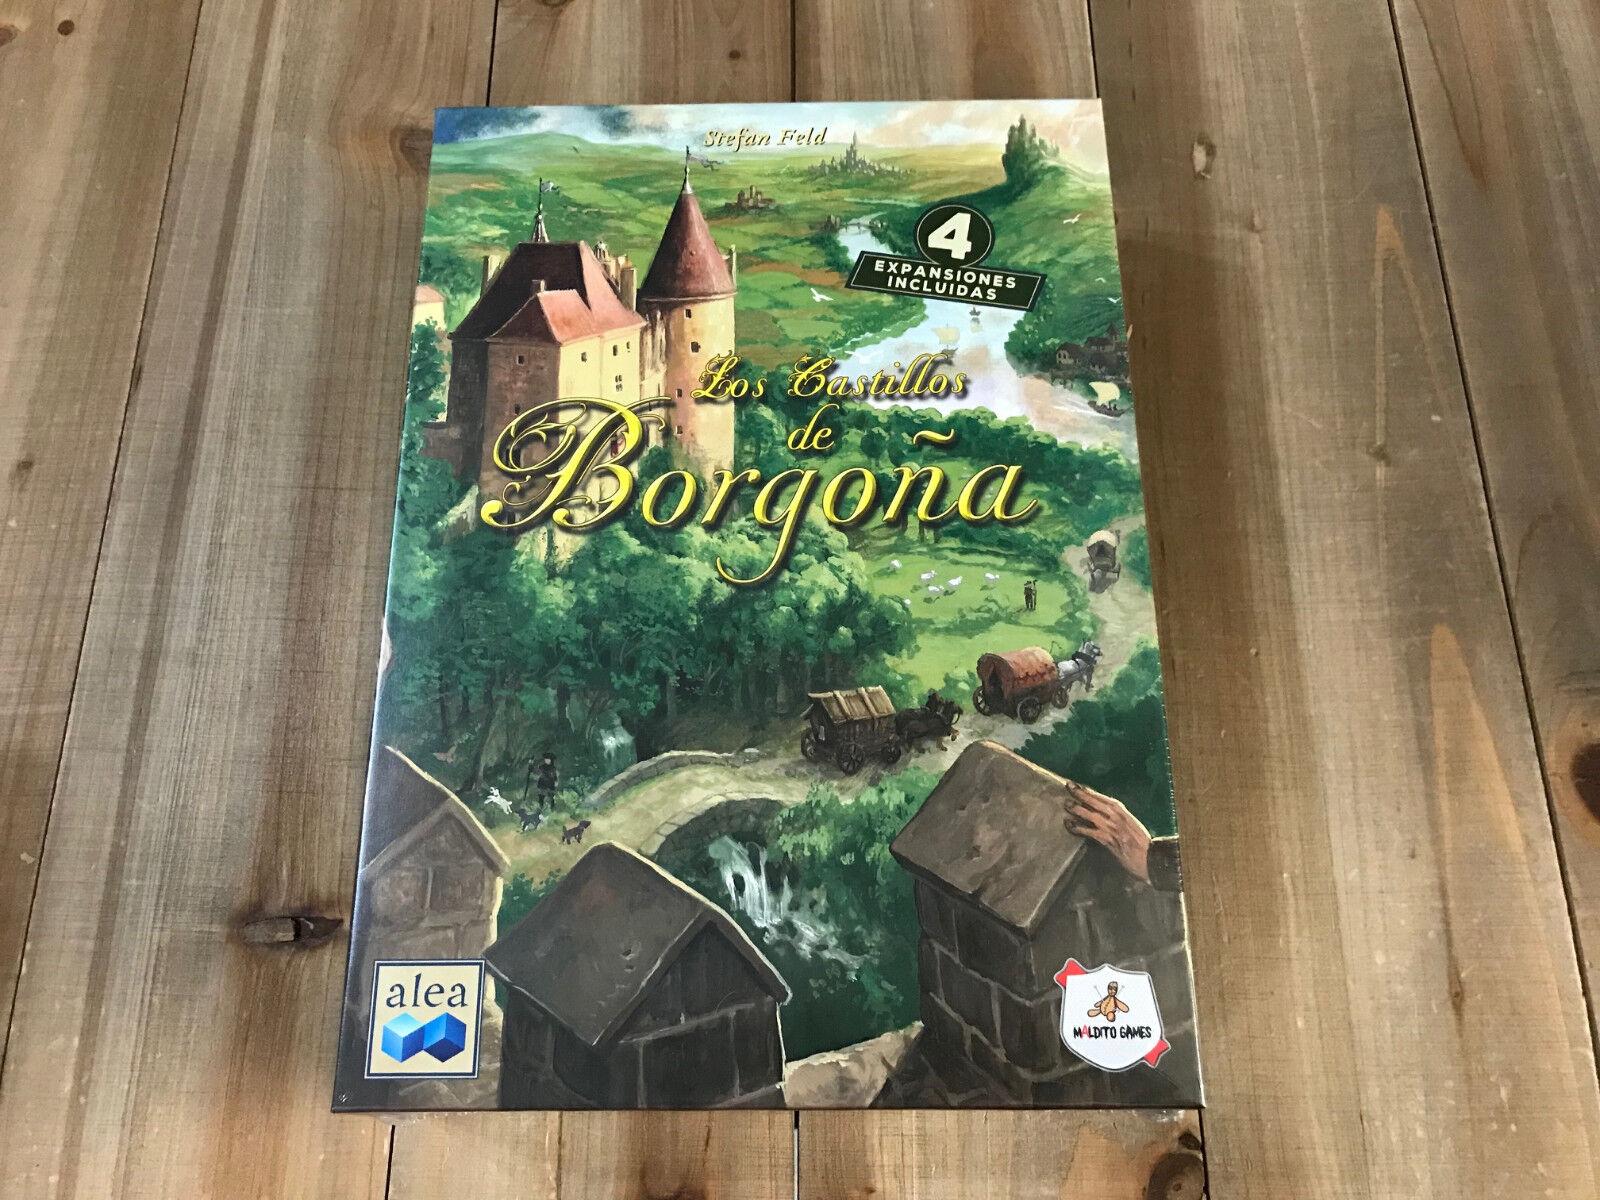 Juego de mesa - Los Castillos de Borgoña - Maldito Juegos - Precintado